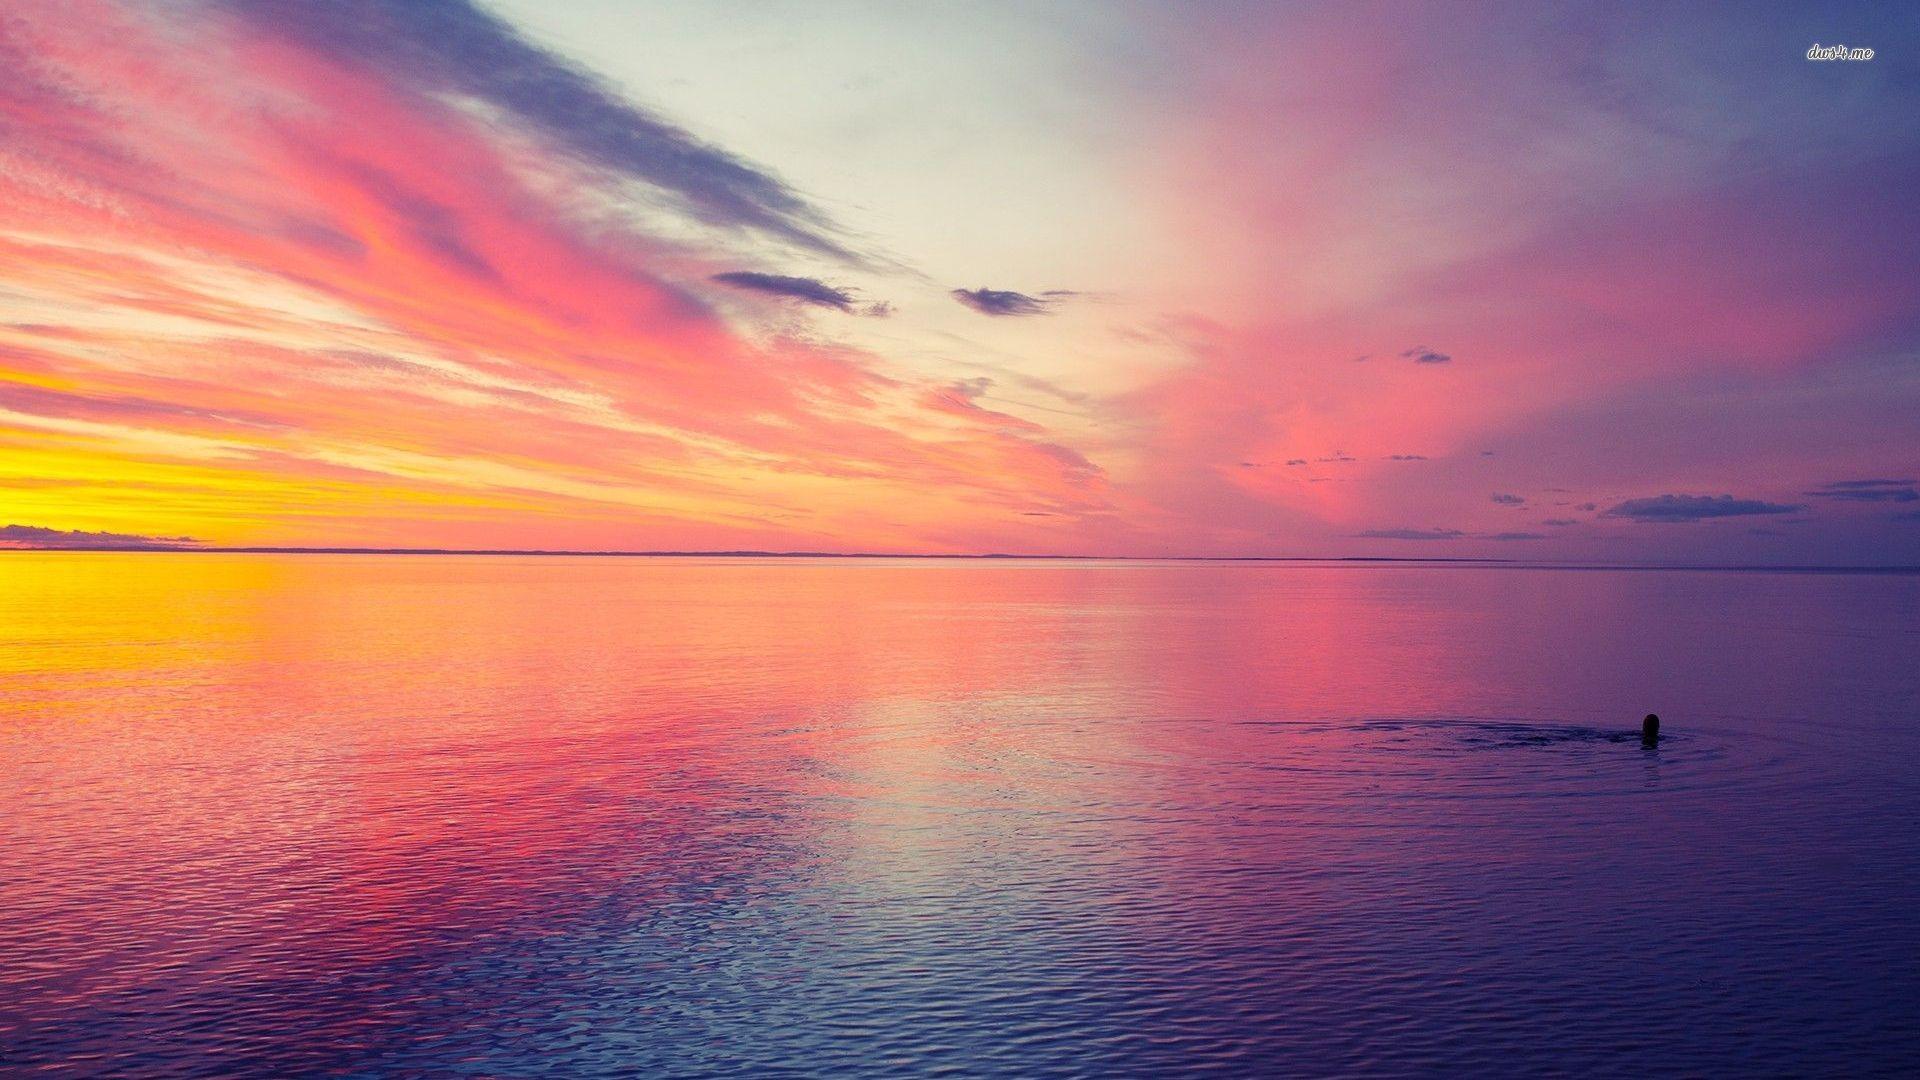 Pink Beach Sunset Wallpaper: Beach Sunset Wallpapers (70+ Images